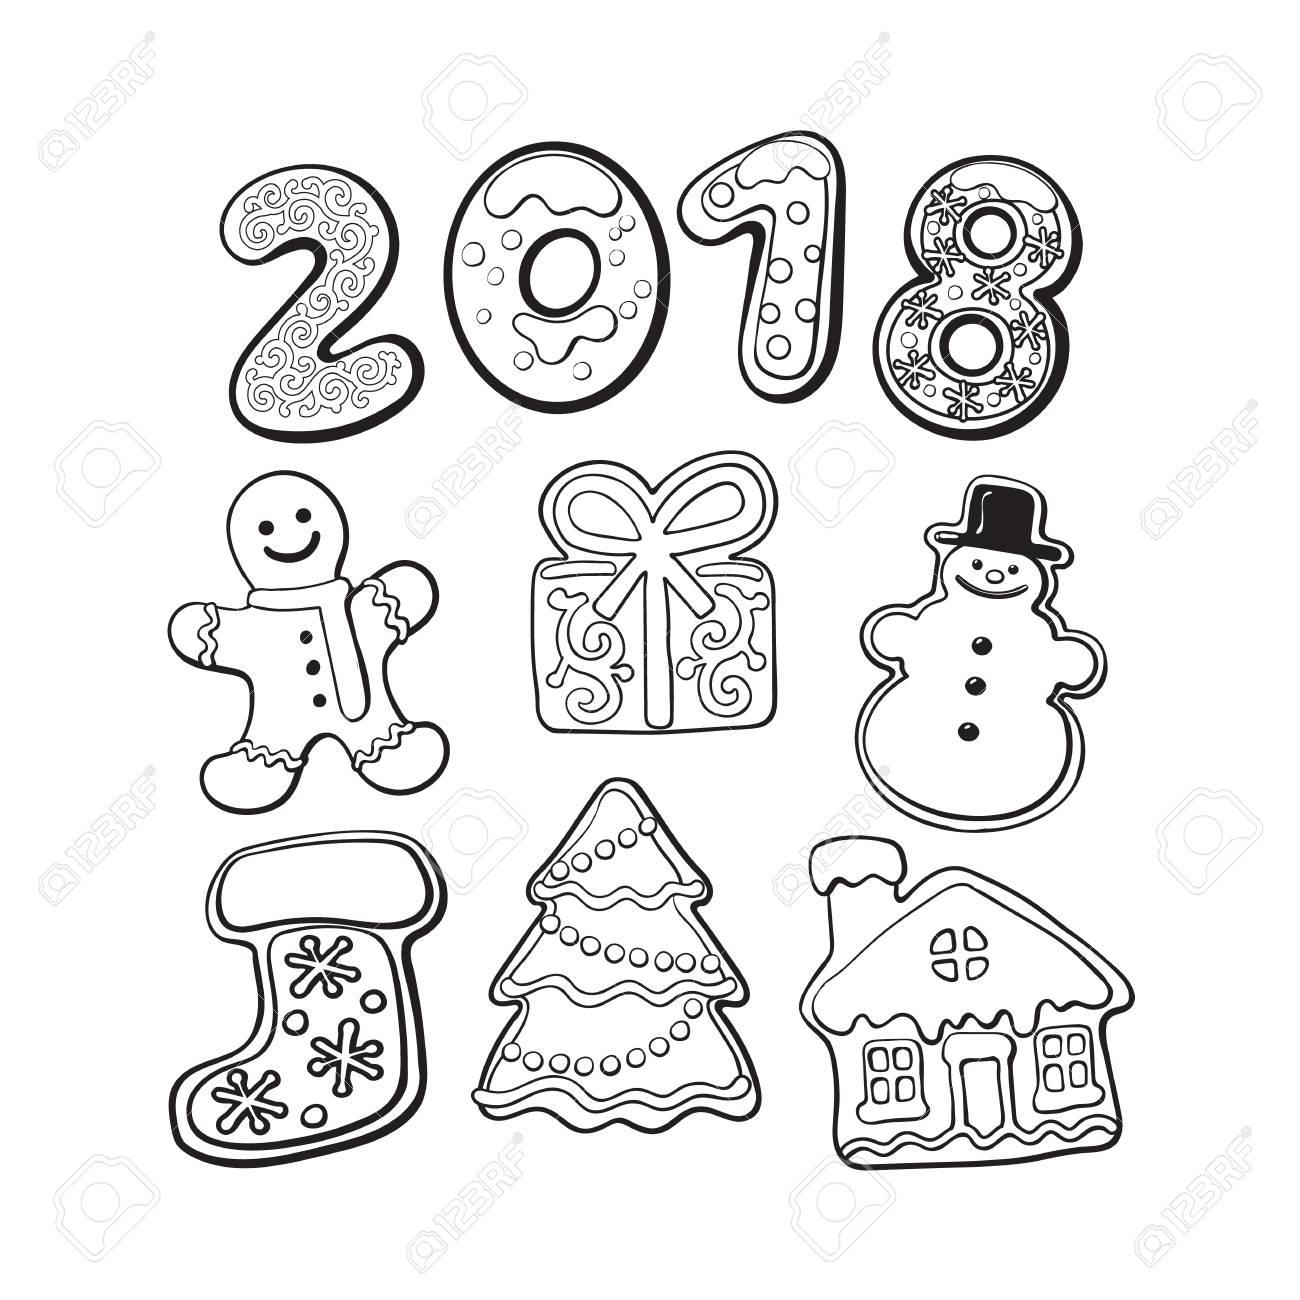 Ensemble De Biscuits De Pain Dépice Maison éléments De Noël Et Numéros 2018 Illustration De Vecteur De Croquis Isolé Sur Fond Blanc Biscuits De